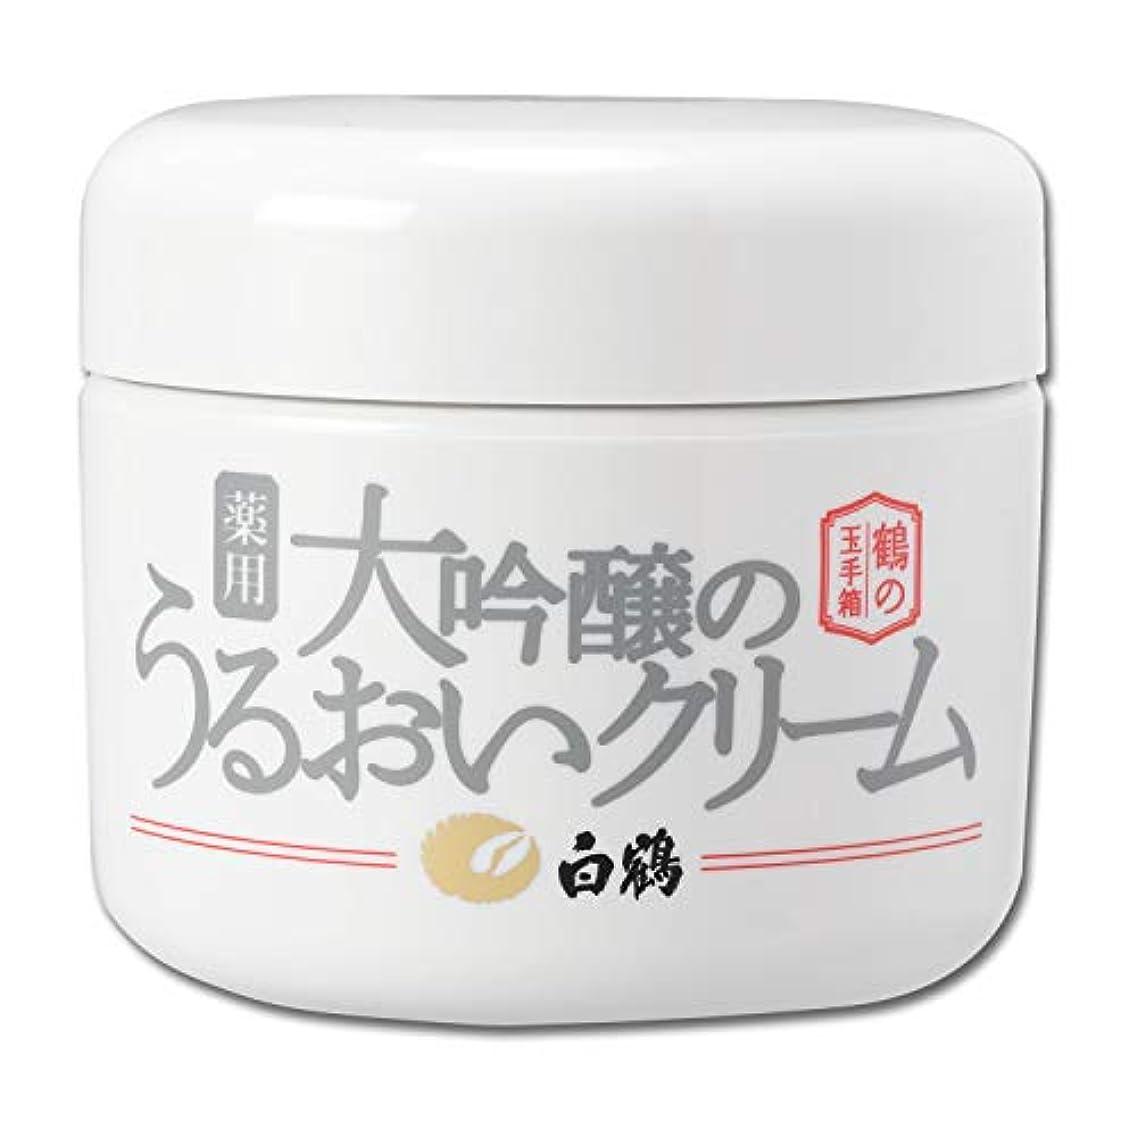 バング腐敗装置白鶴 鶴の玉手箱 薬用 大吟醸のうるおいクリーム 90g (オールインワン/医薬部外品)